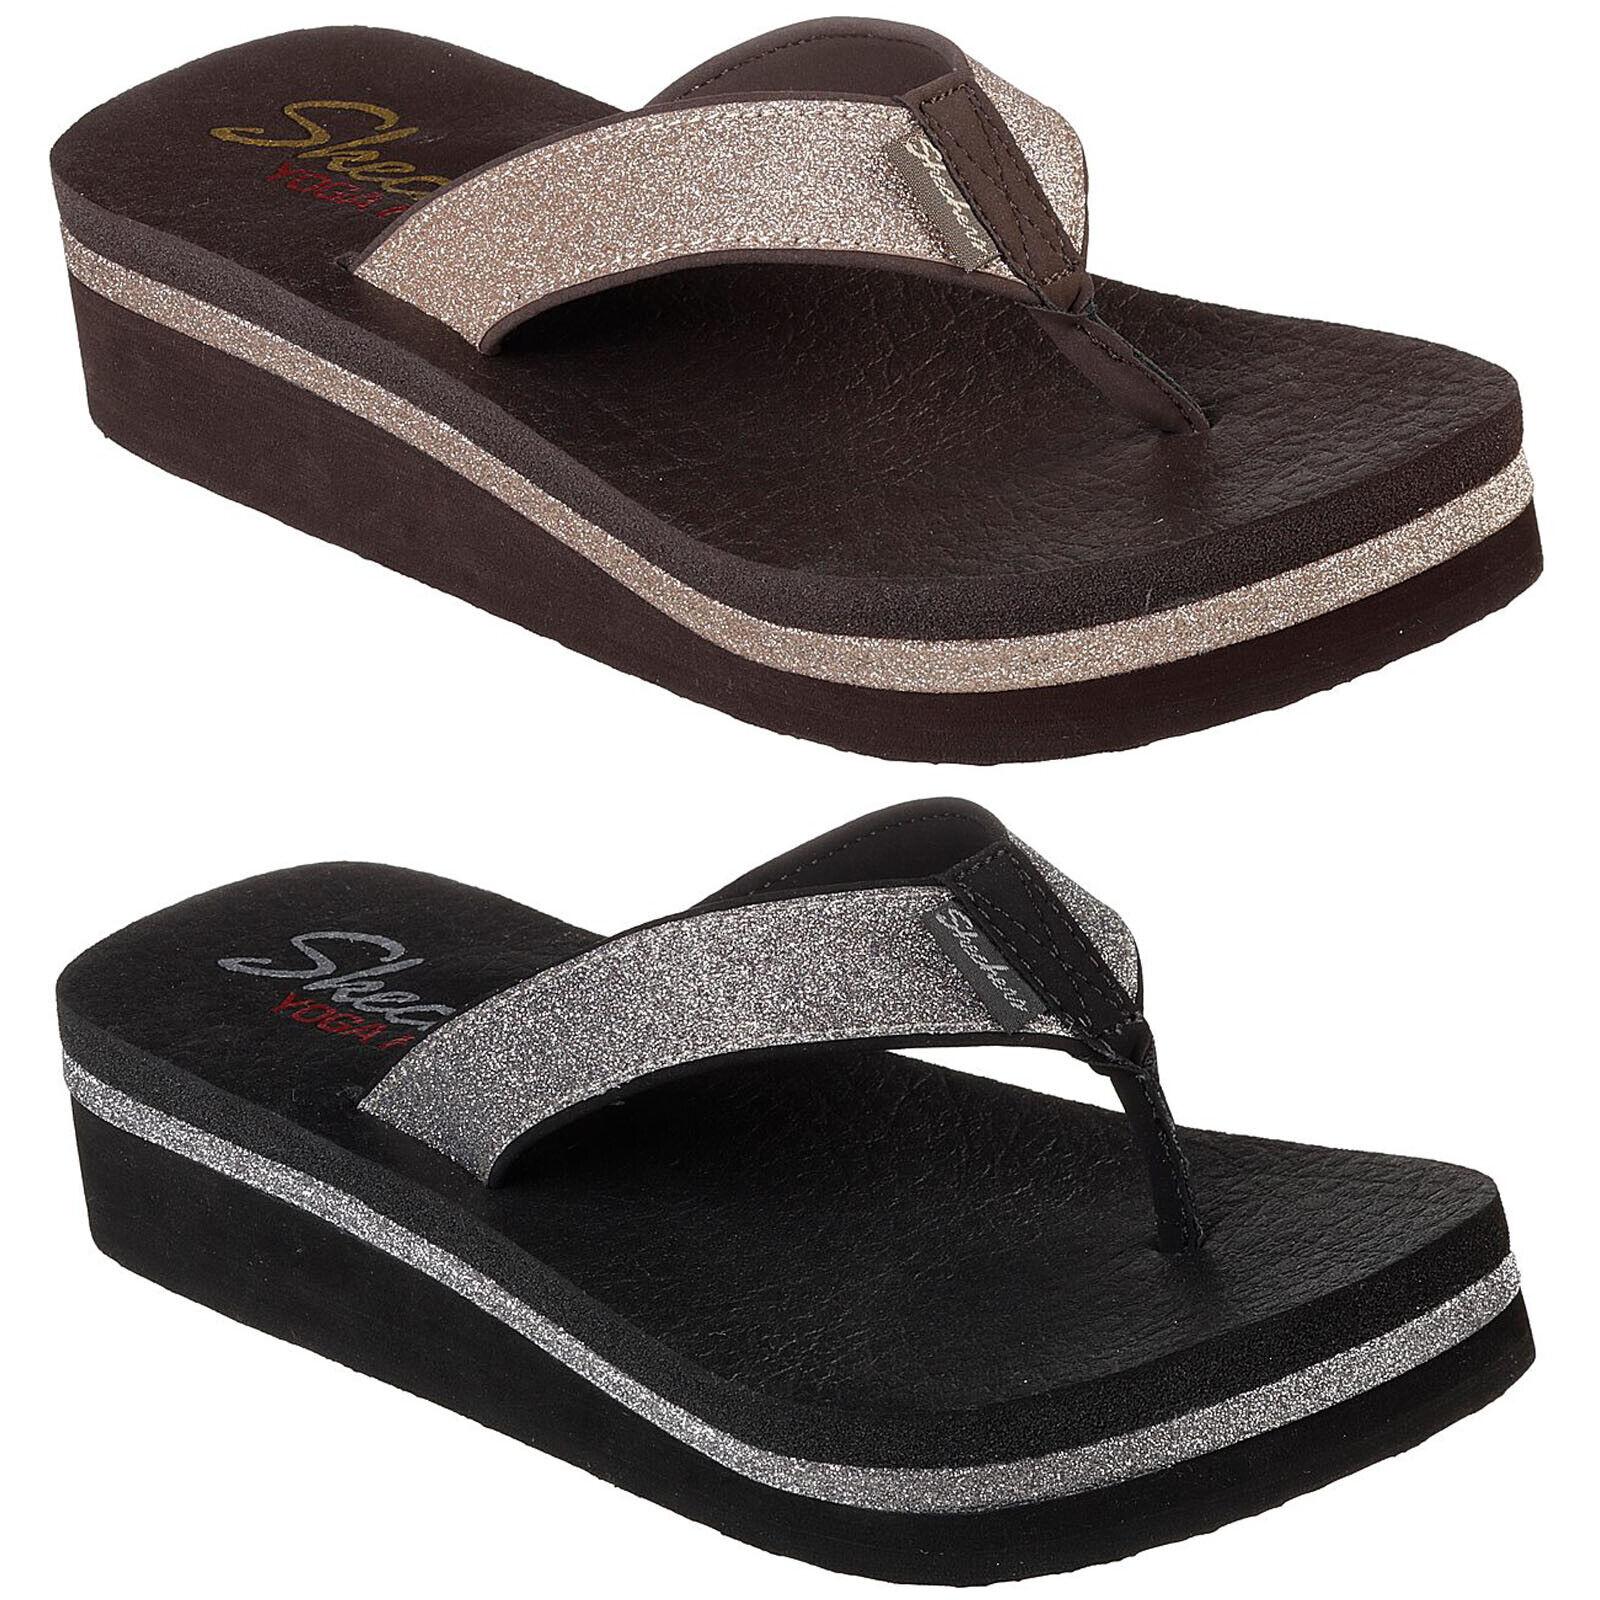 Skechers vinyasa-unicorn fog flip flops wedge thong sandals women's the finger